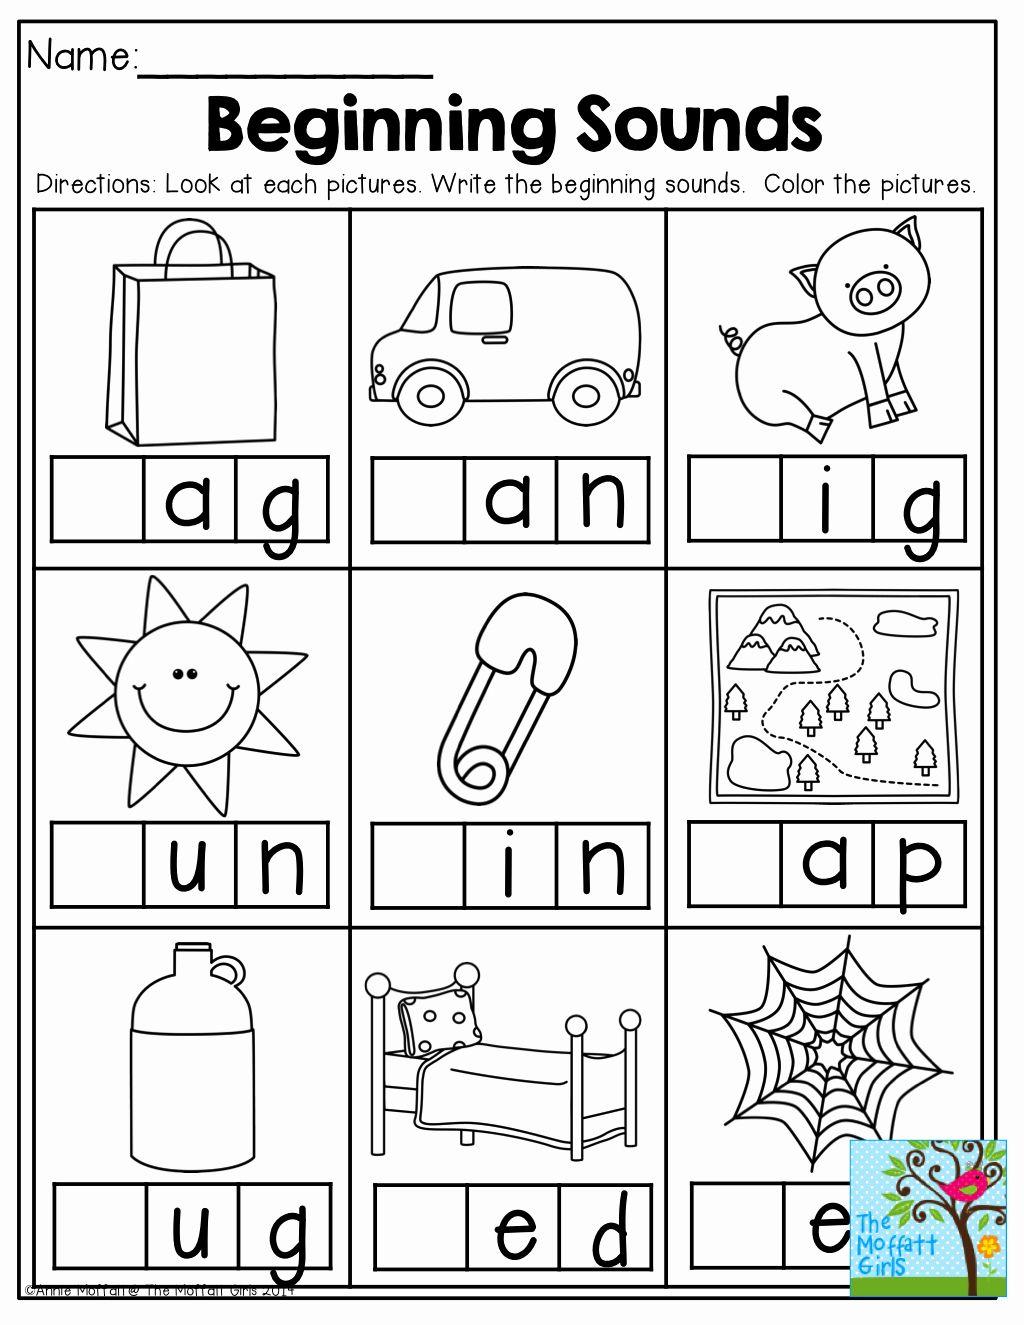 Beginning Sounds Preschool Worksheets In